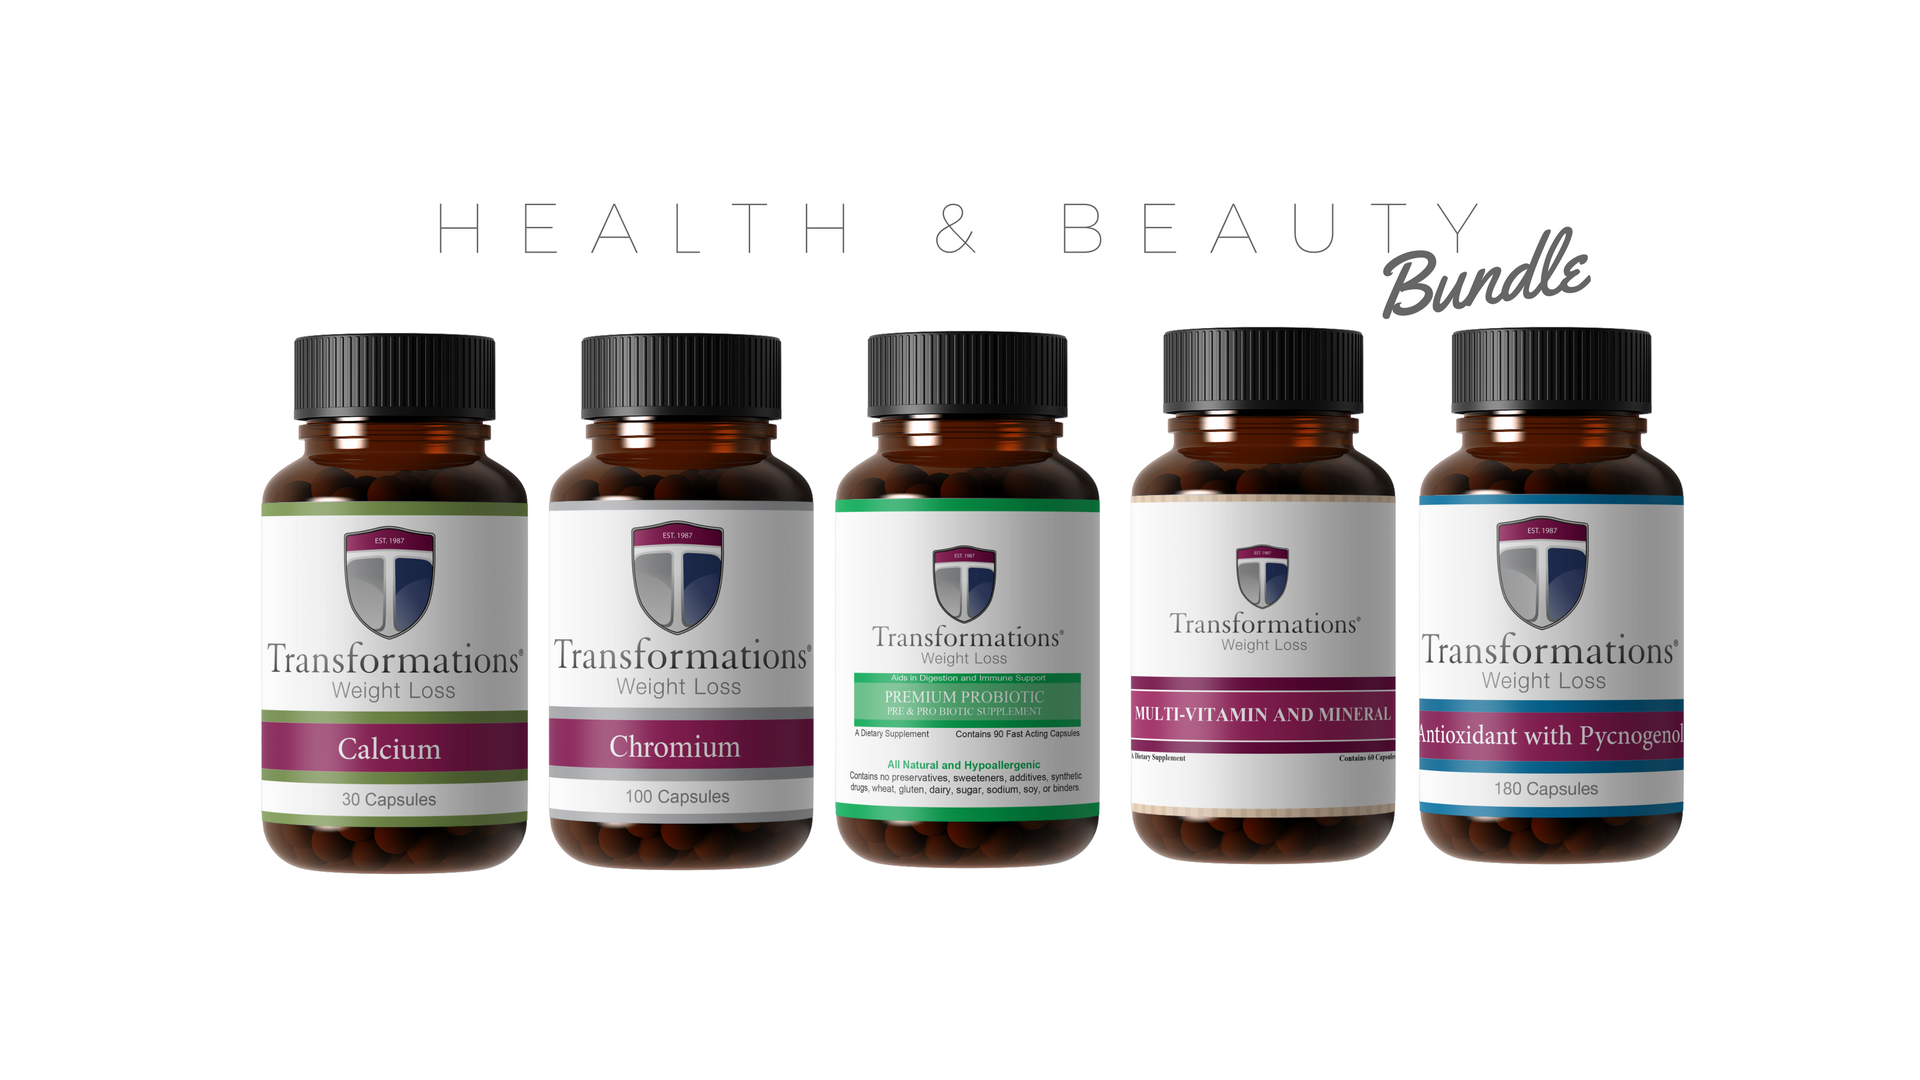 Health and Beauty Bundle